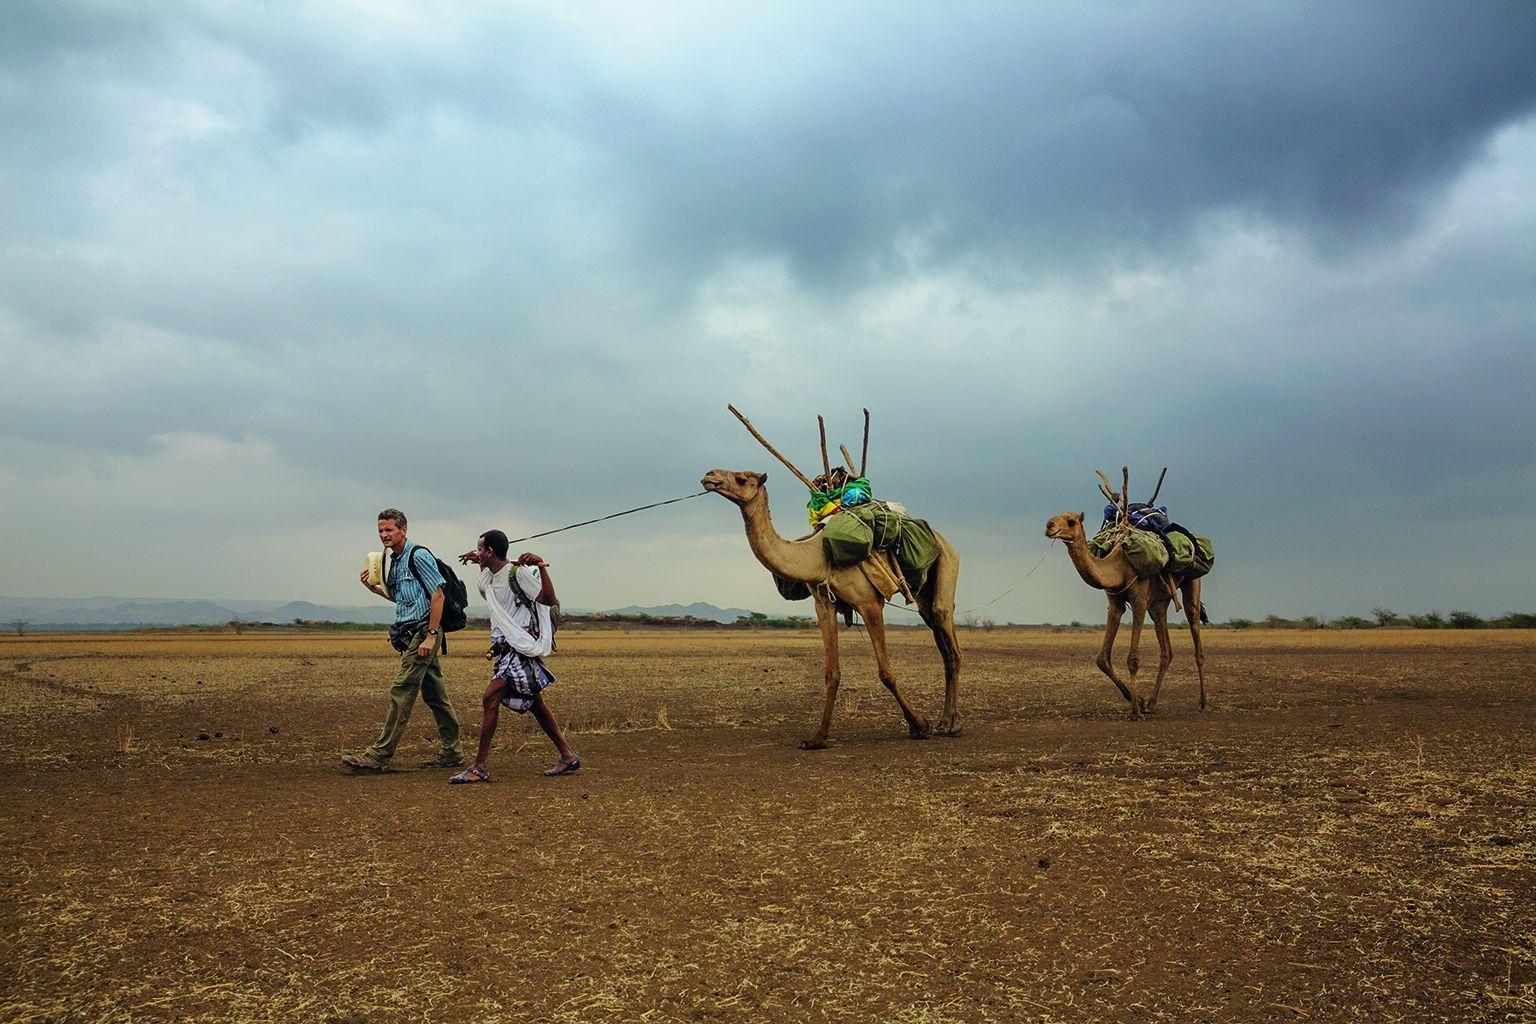 衣索比亞,2013年。追隨先人的腳步。保羅.薩洛培克(左)和他的嚮導阿米德.艾勒瑪從赫托波里村展開了全球長征的第二天。體質特徵上最早的現代人就是從這裡拋下他們所熟悉的非洲地景,開始探索未知的世界。攝影:約翰.史坦邁爾 JOHN STANMEYER